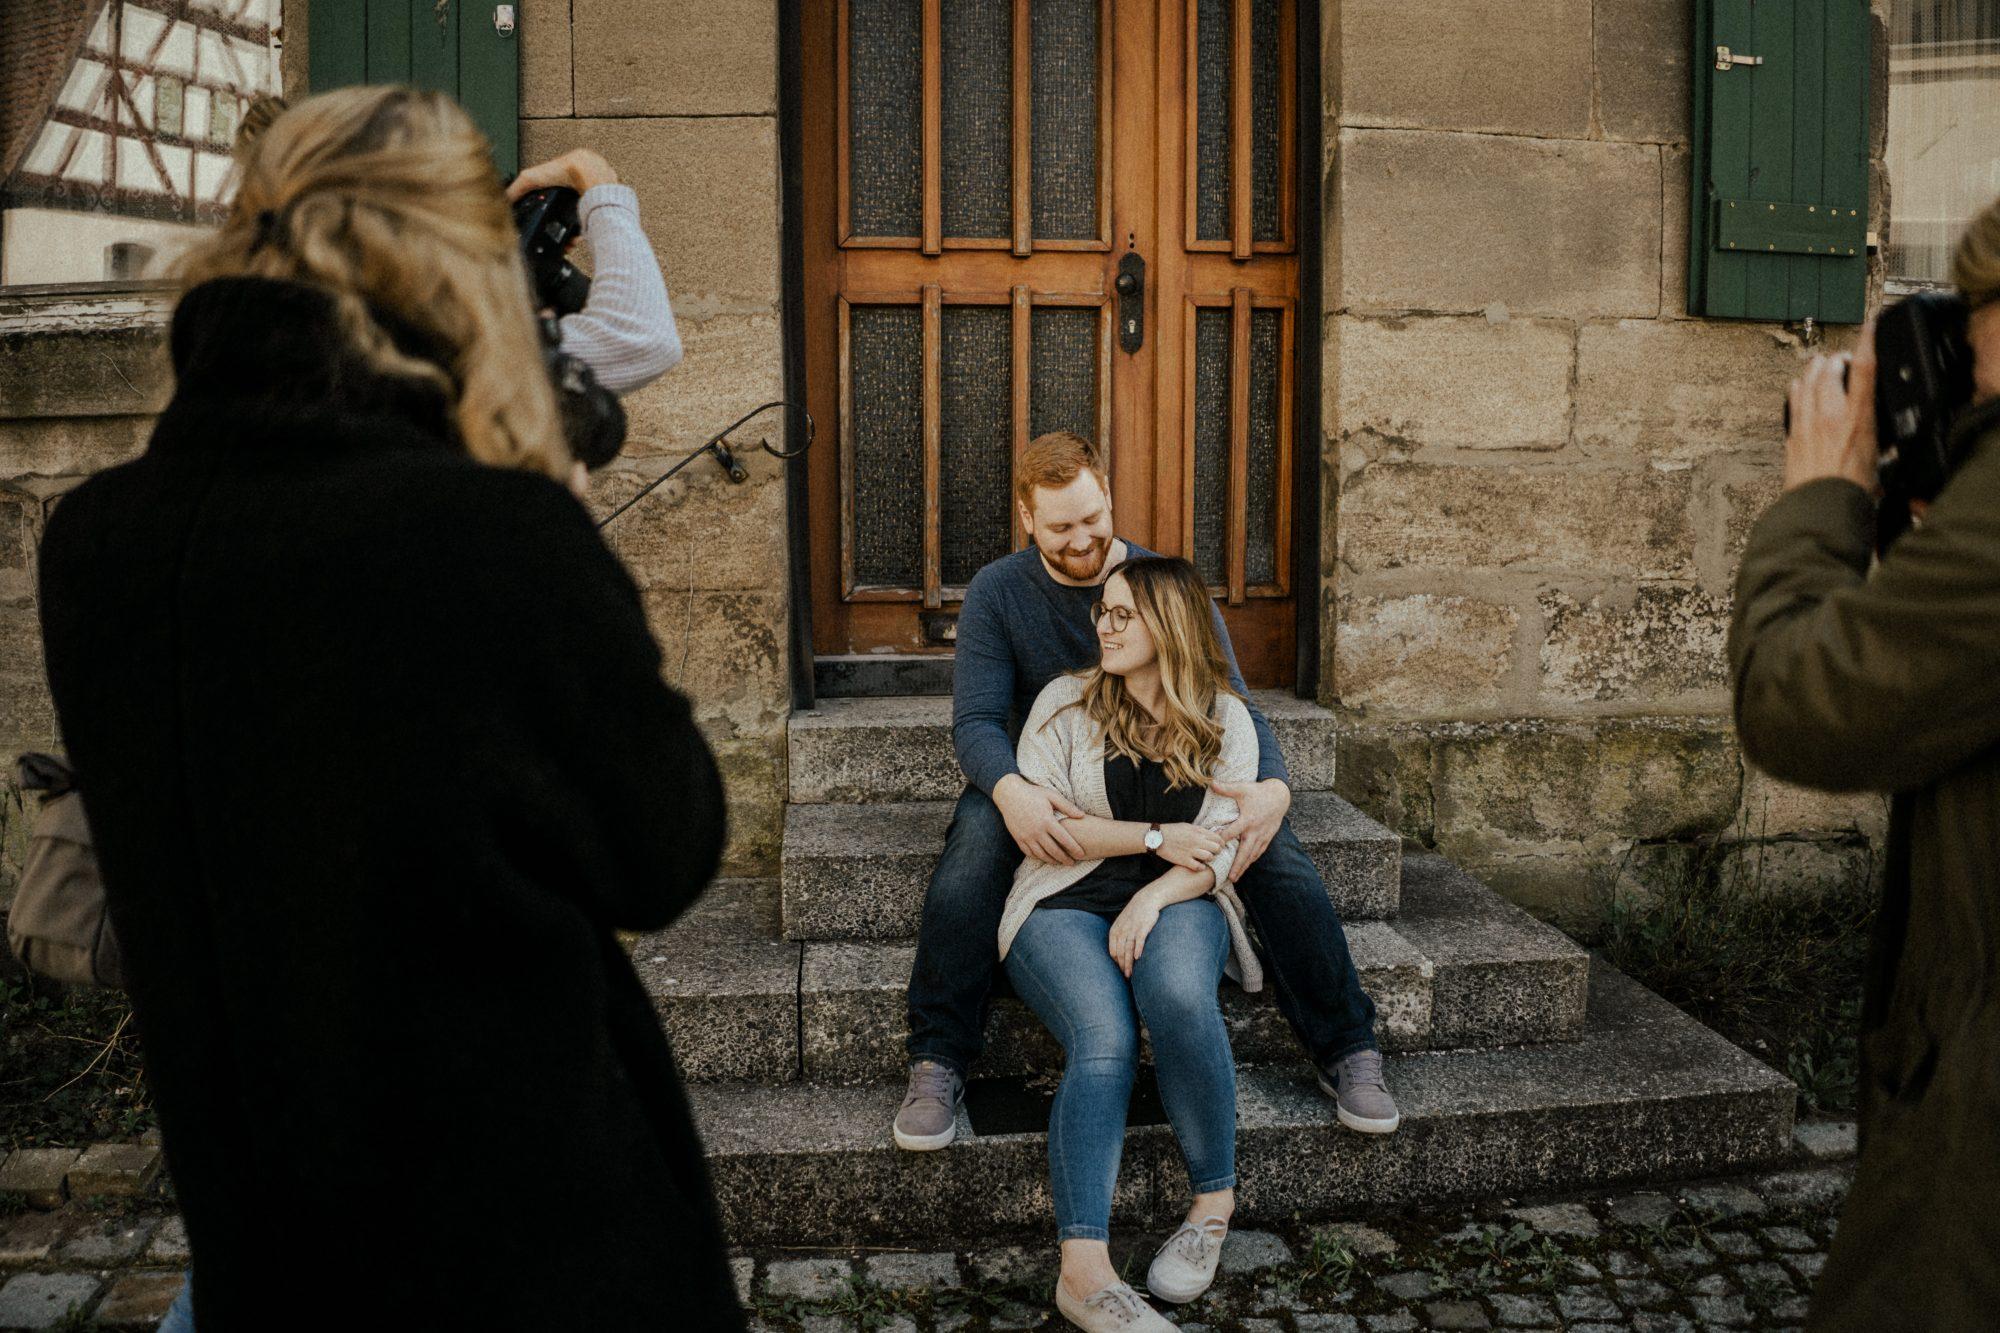 Paarworkshop Vanessa und Saskia Behind the Scenes